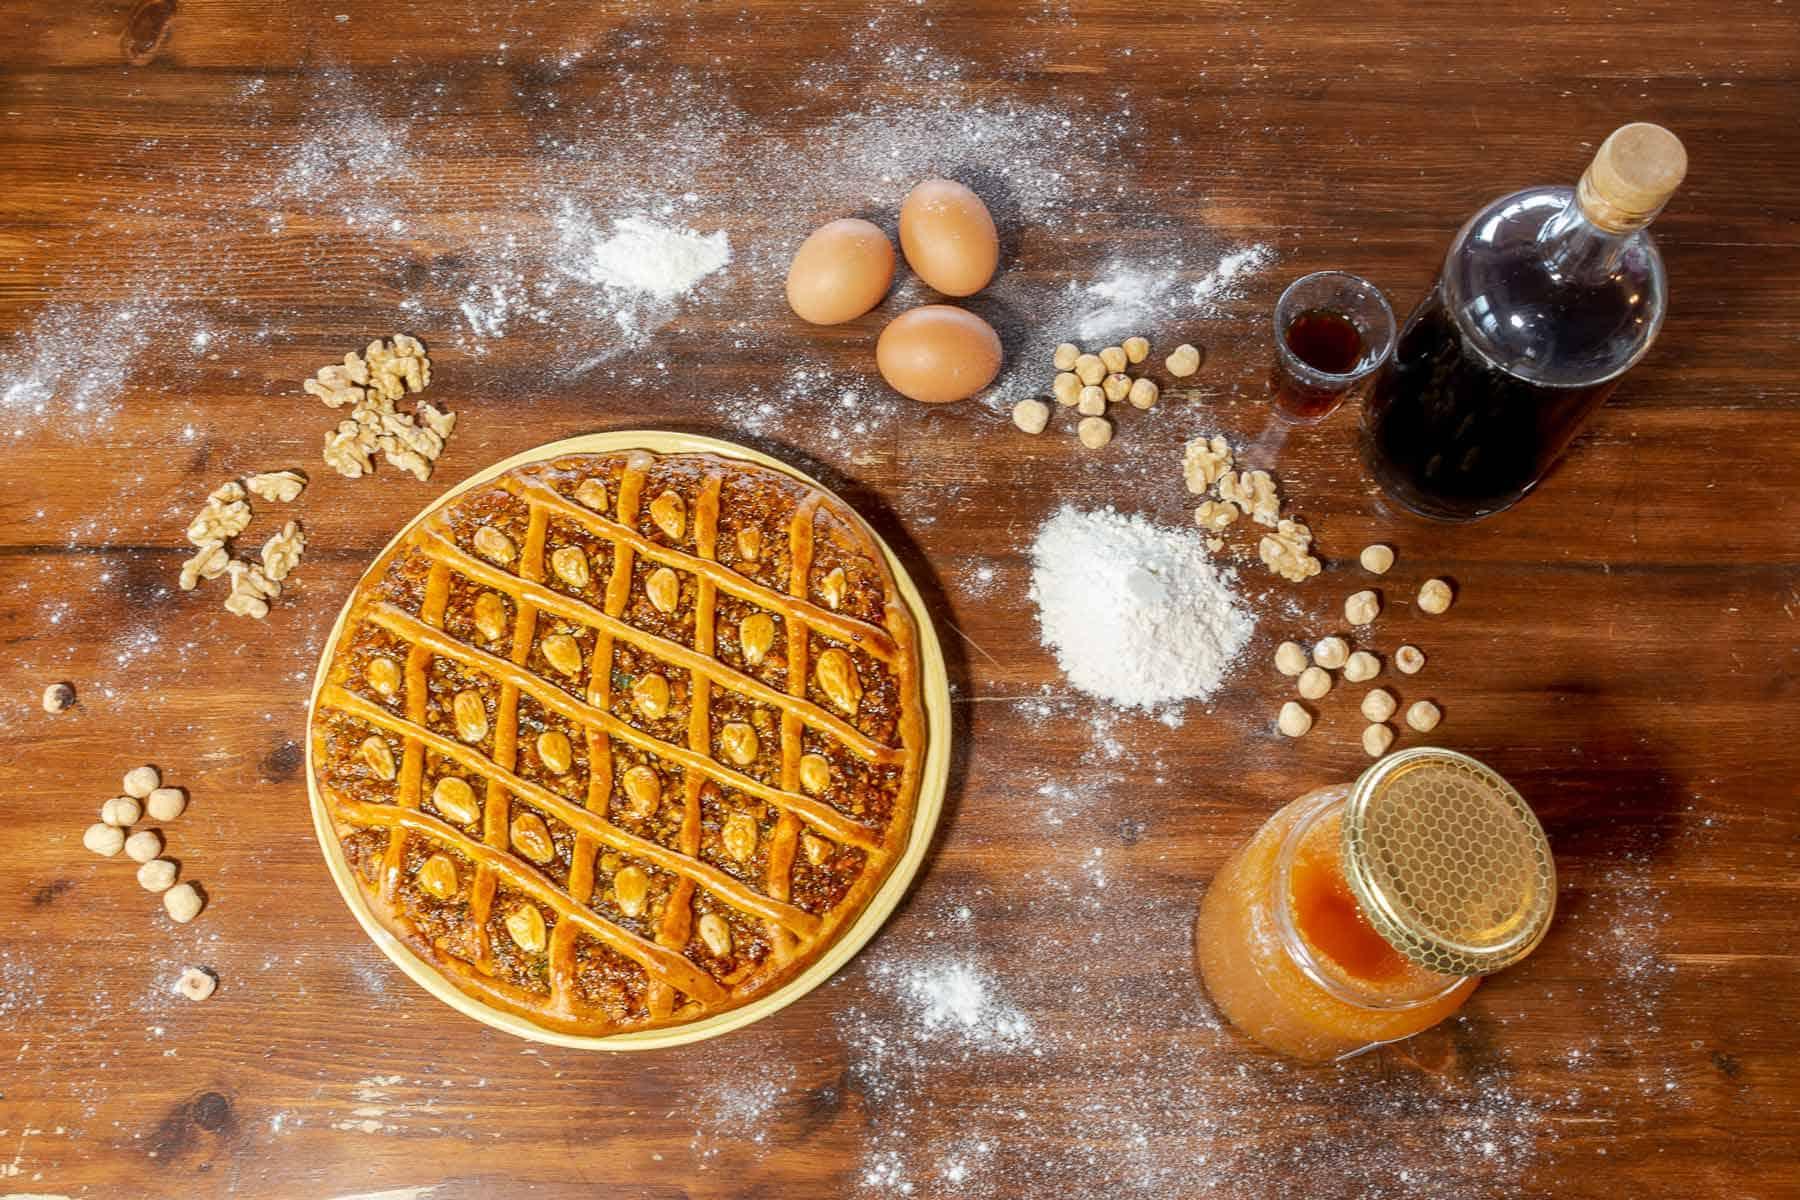 La crostata al torrone di Sarnano - Foto di Enrico Ortolani